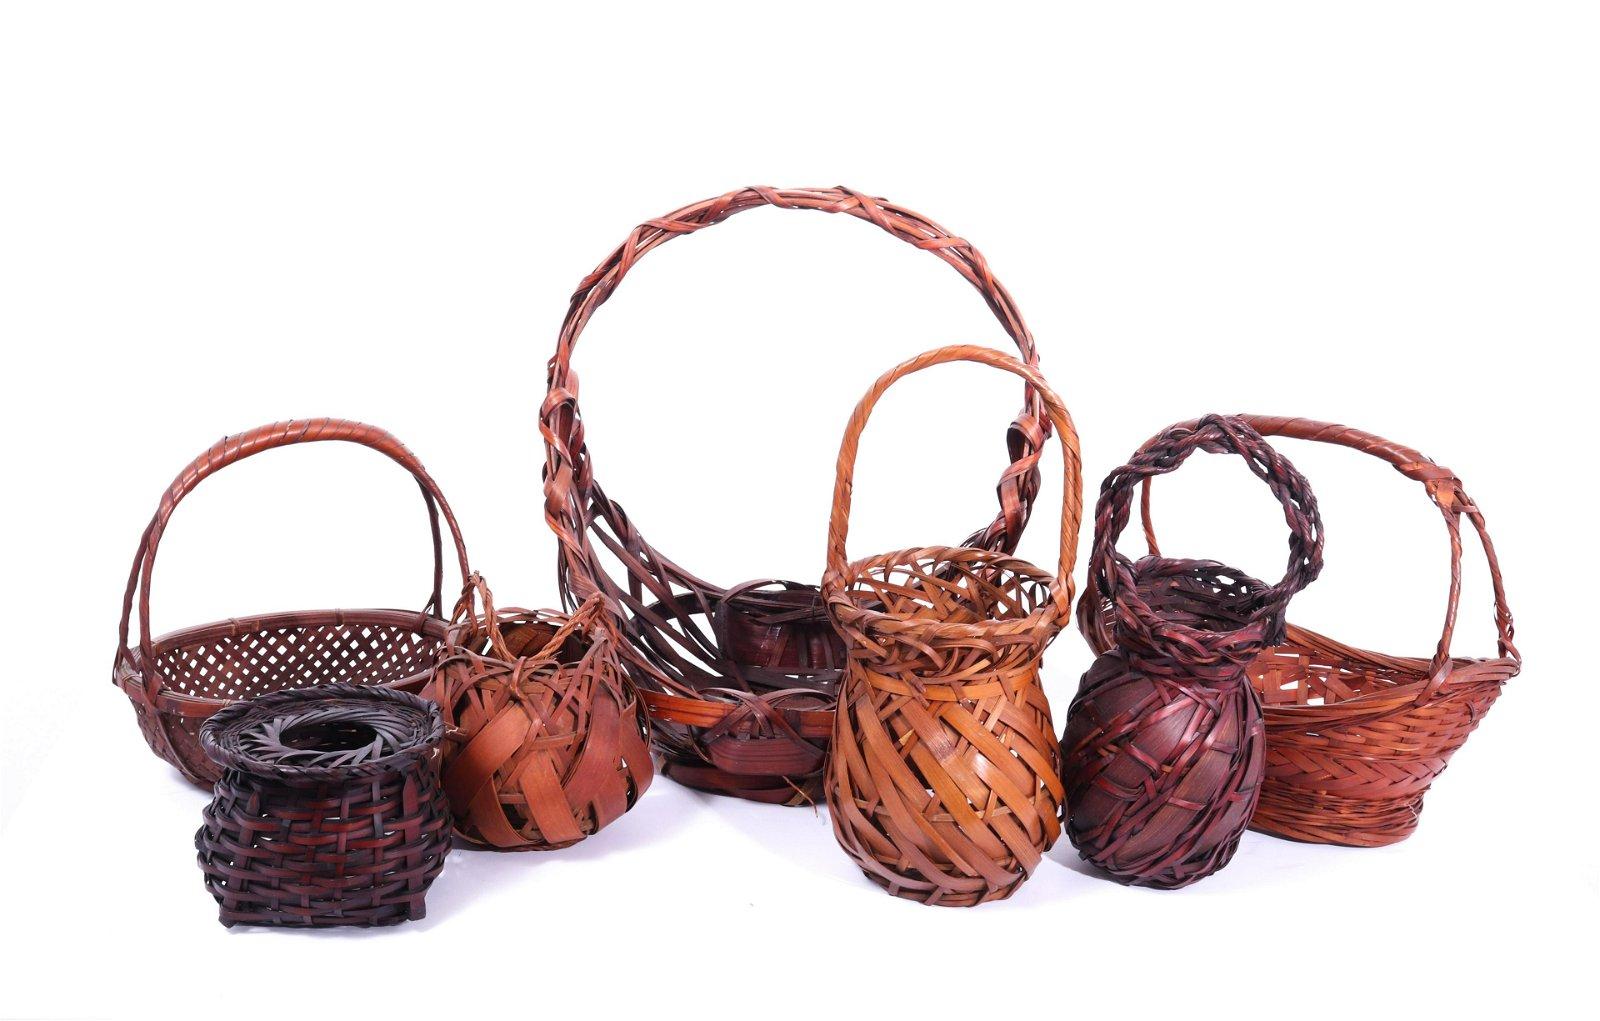 Japanese Woven Bamboo Ikebana Baskets, 7